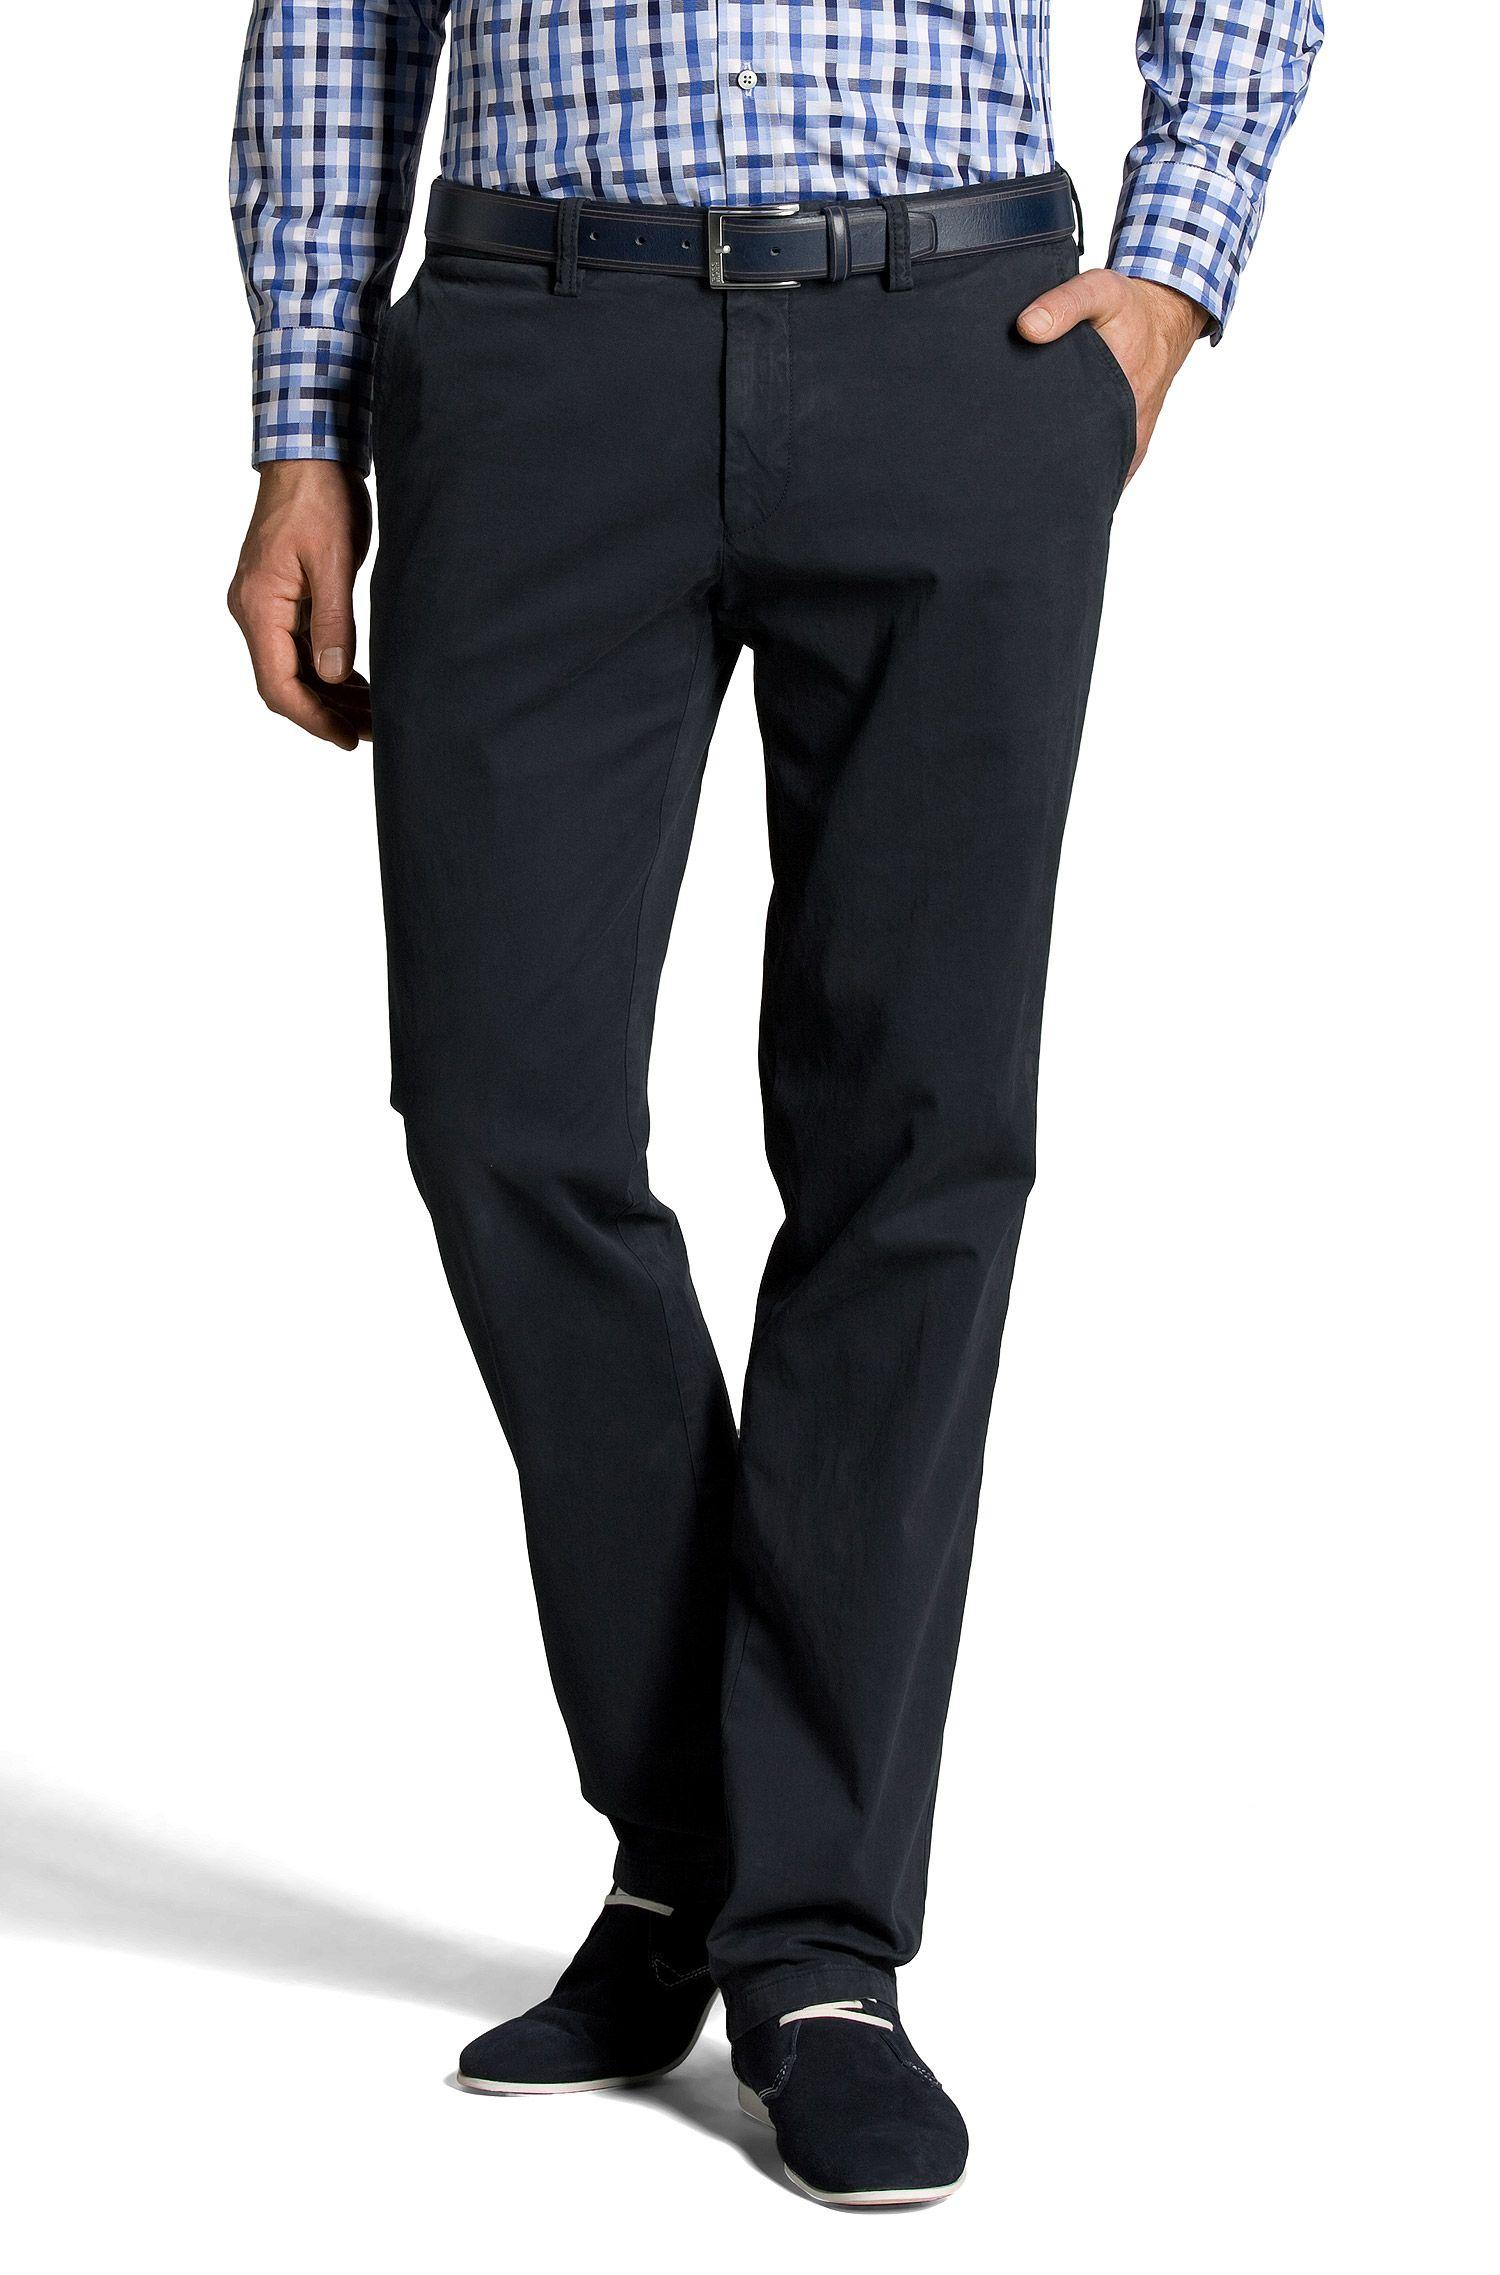 Pantalon chino, Crigan1-D